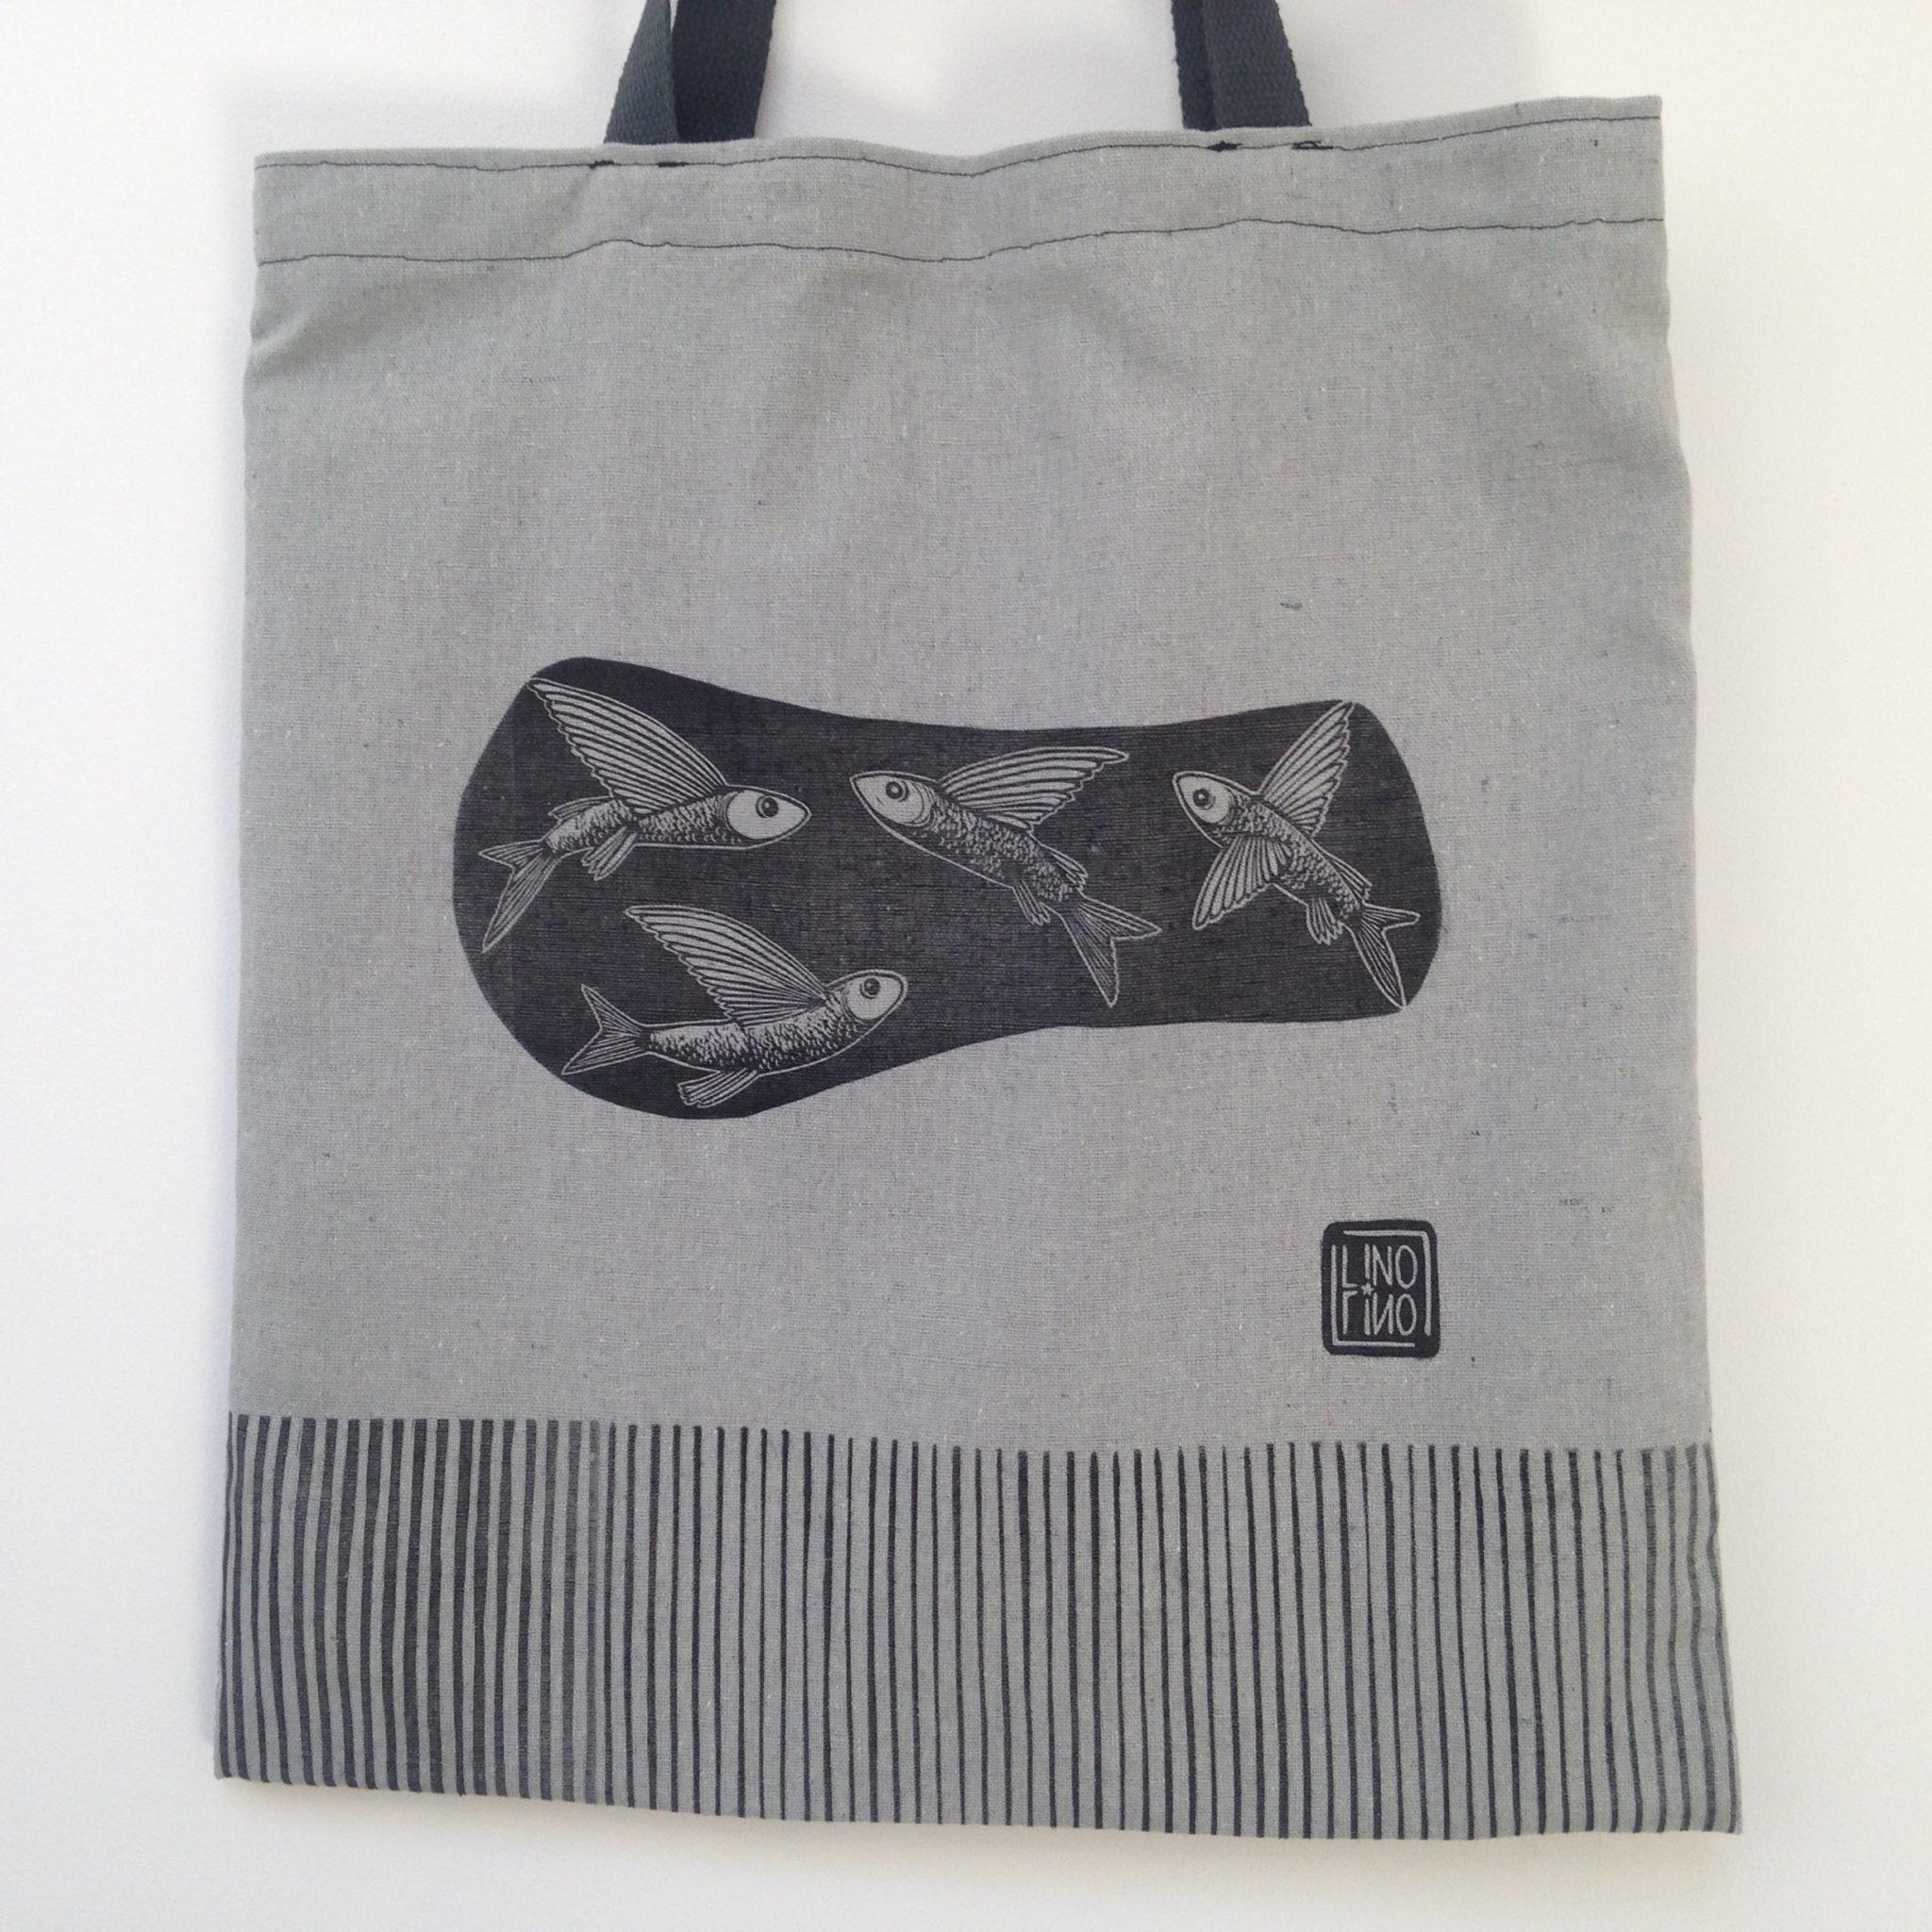 LinoLino | Linogravure et créations à partir d'impressions artisanales | Chambéry, France | Impression originale illustration sac coton recyclé zero dechet poissons volants